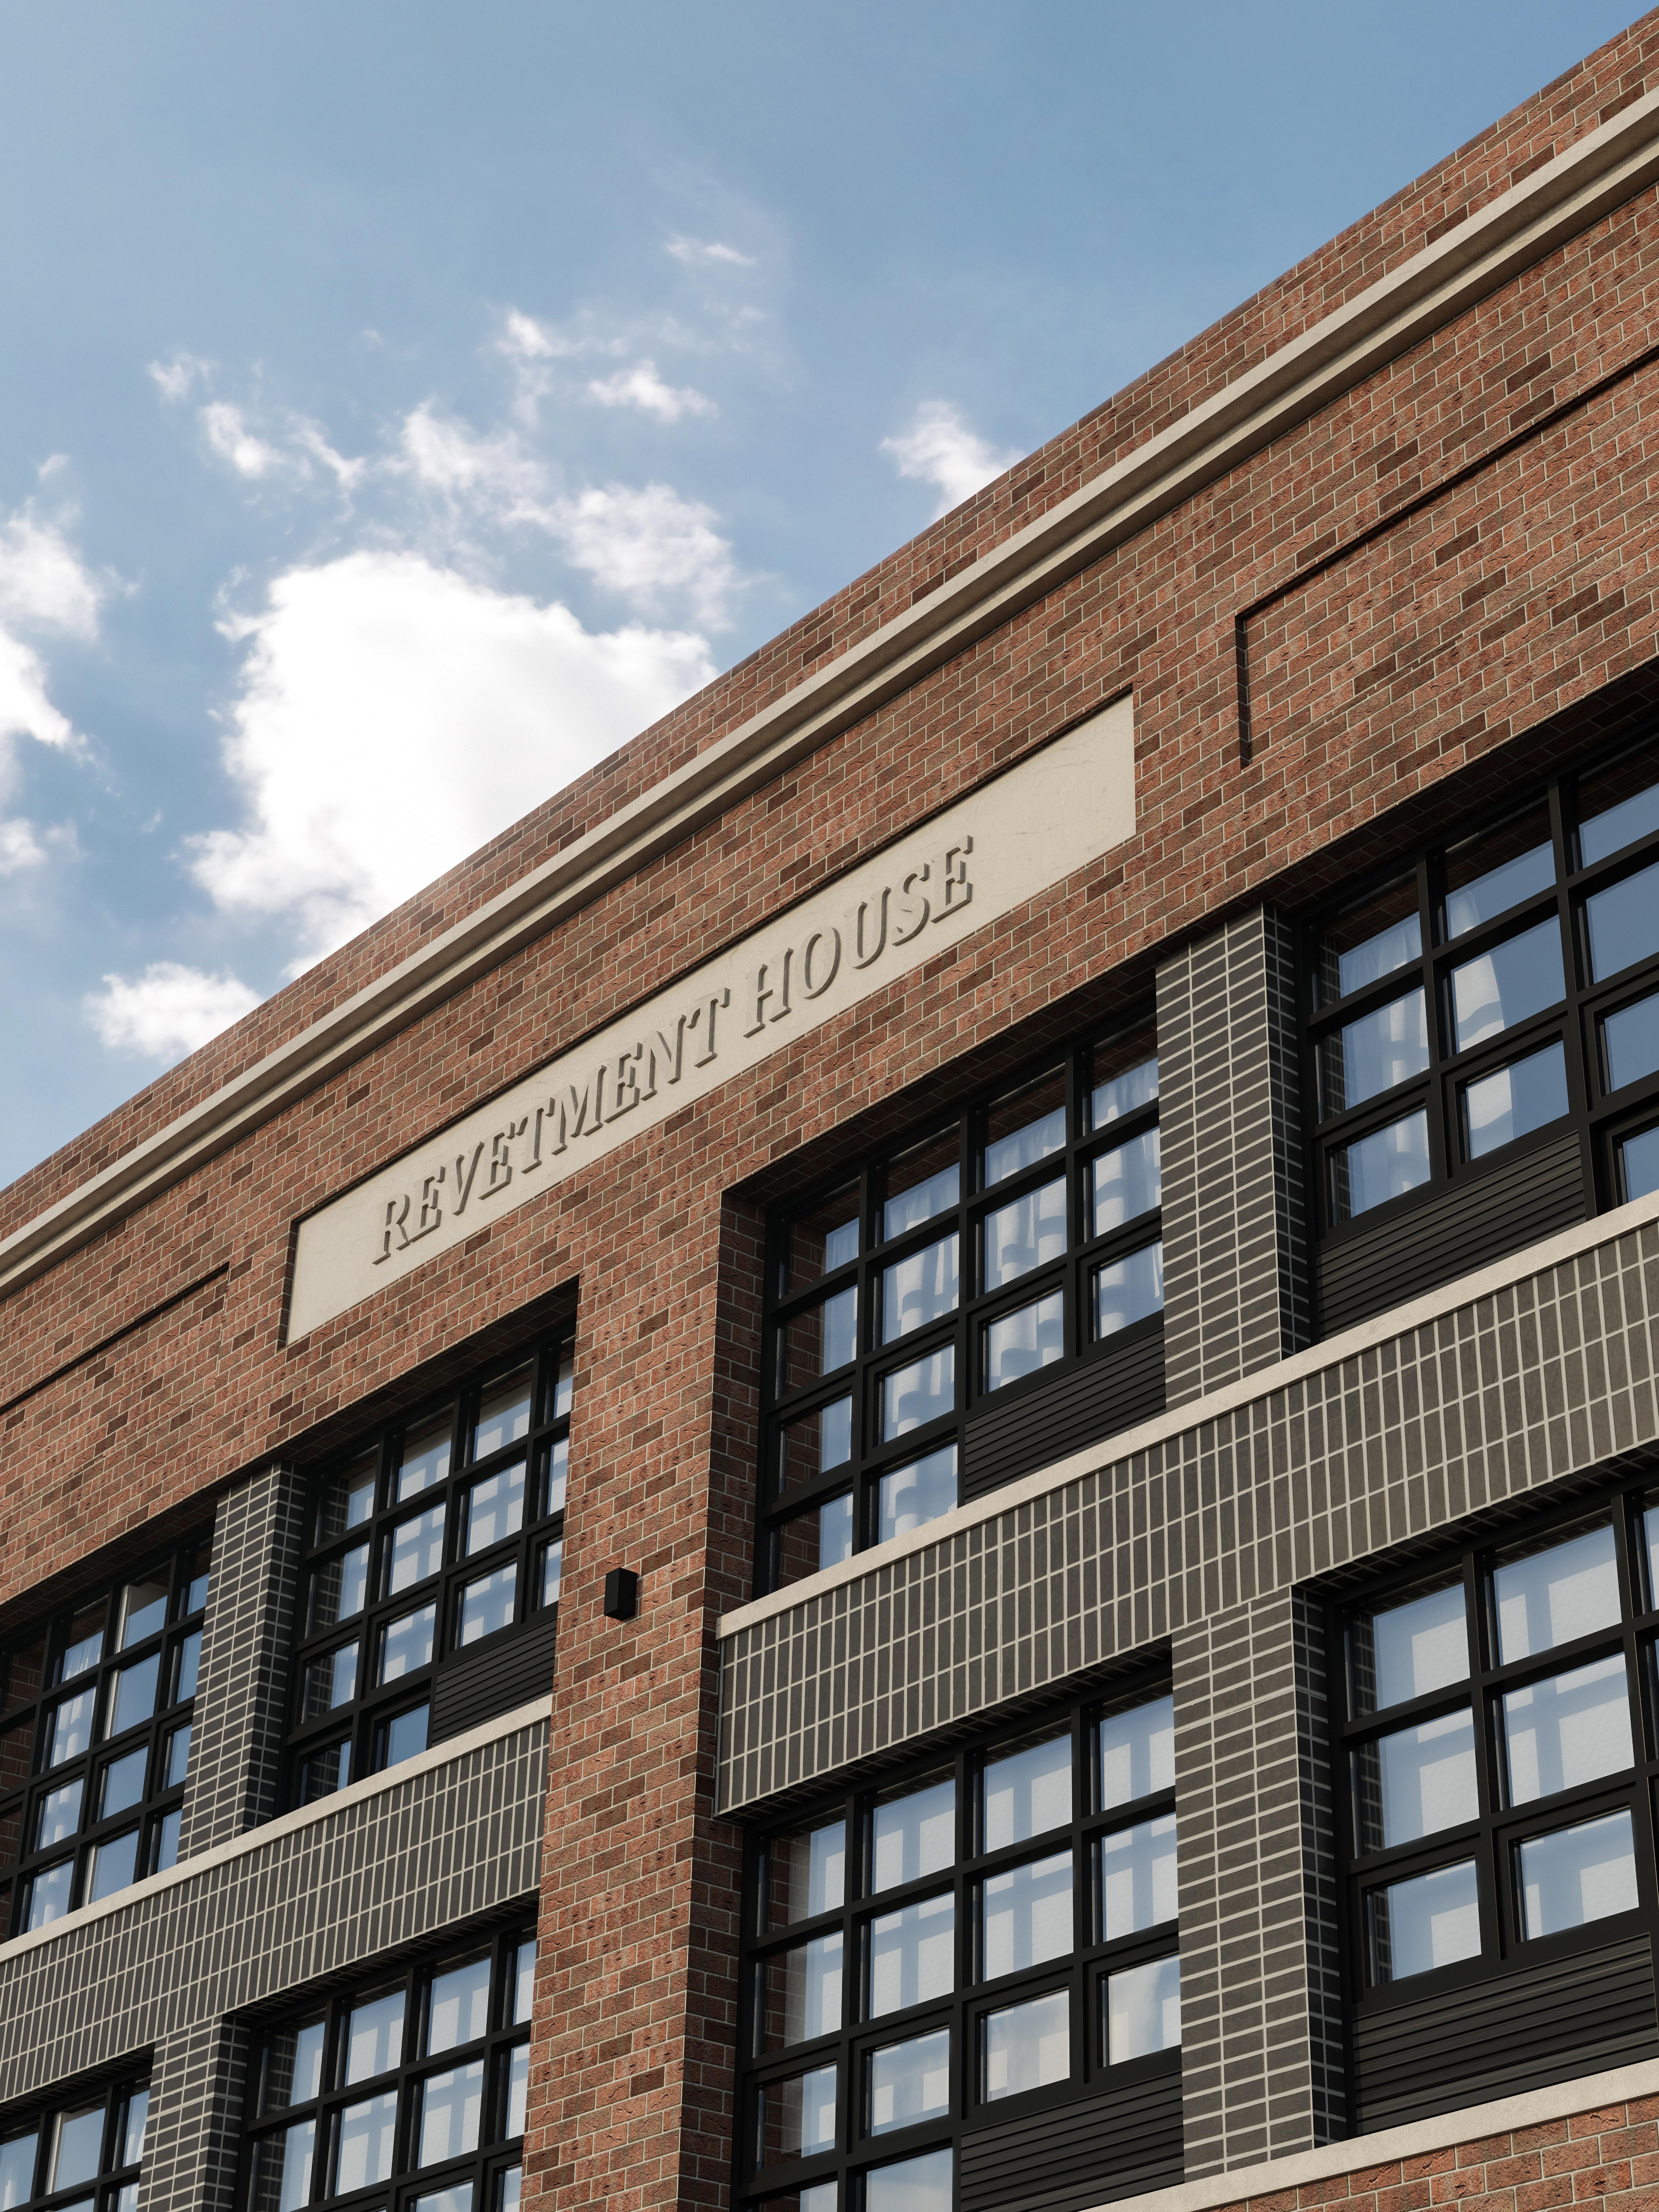 Revetment House, 310 10th Street